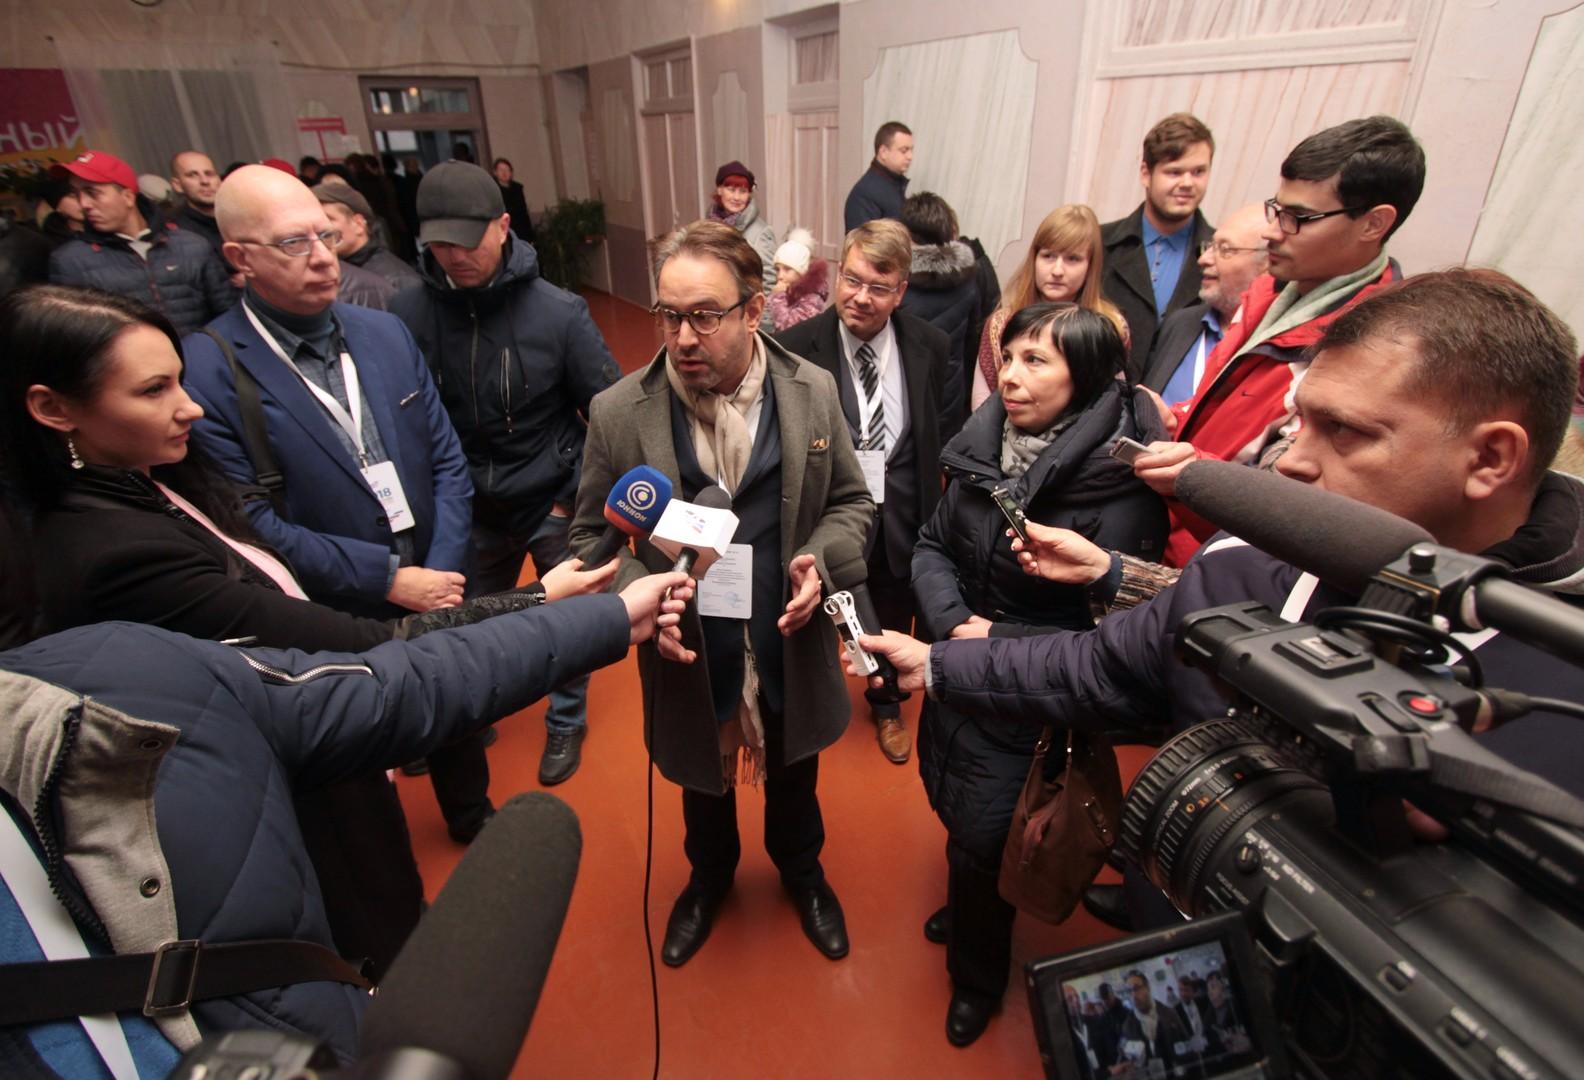 Die Wahlen im Donbass: Hohe Beteiligung trotz Drohungen und Nichtanerkennung